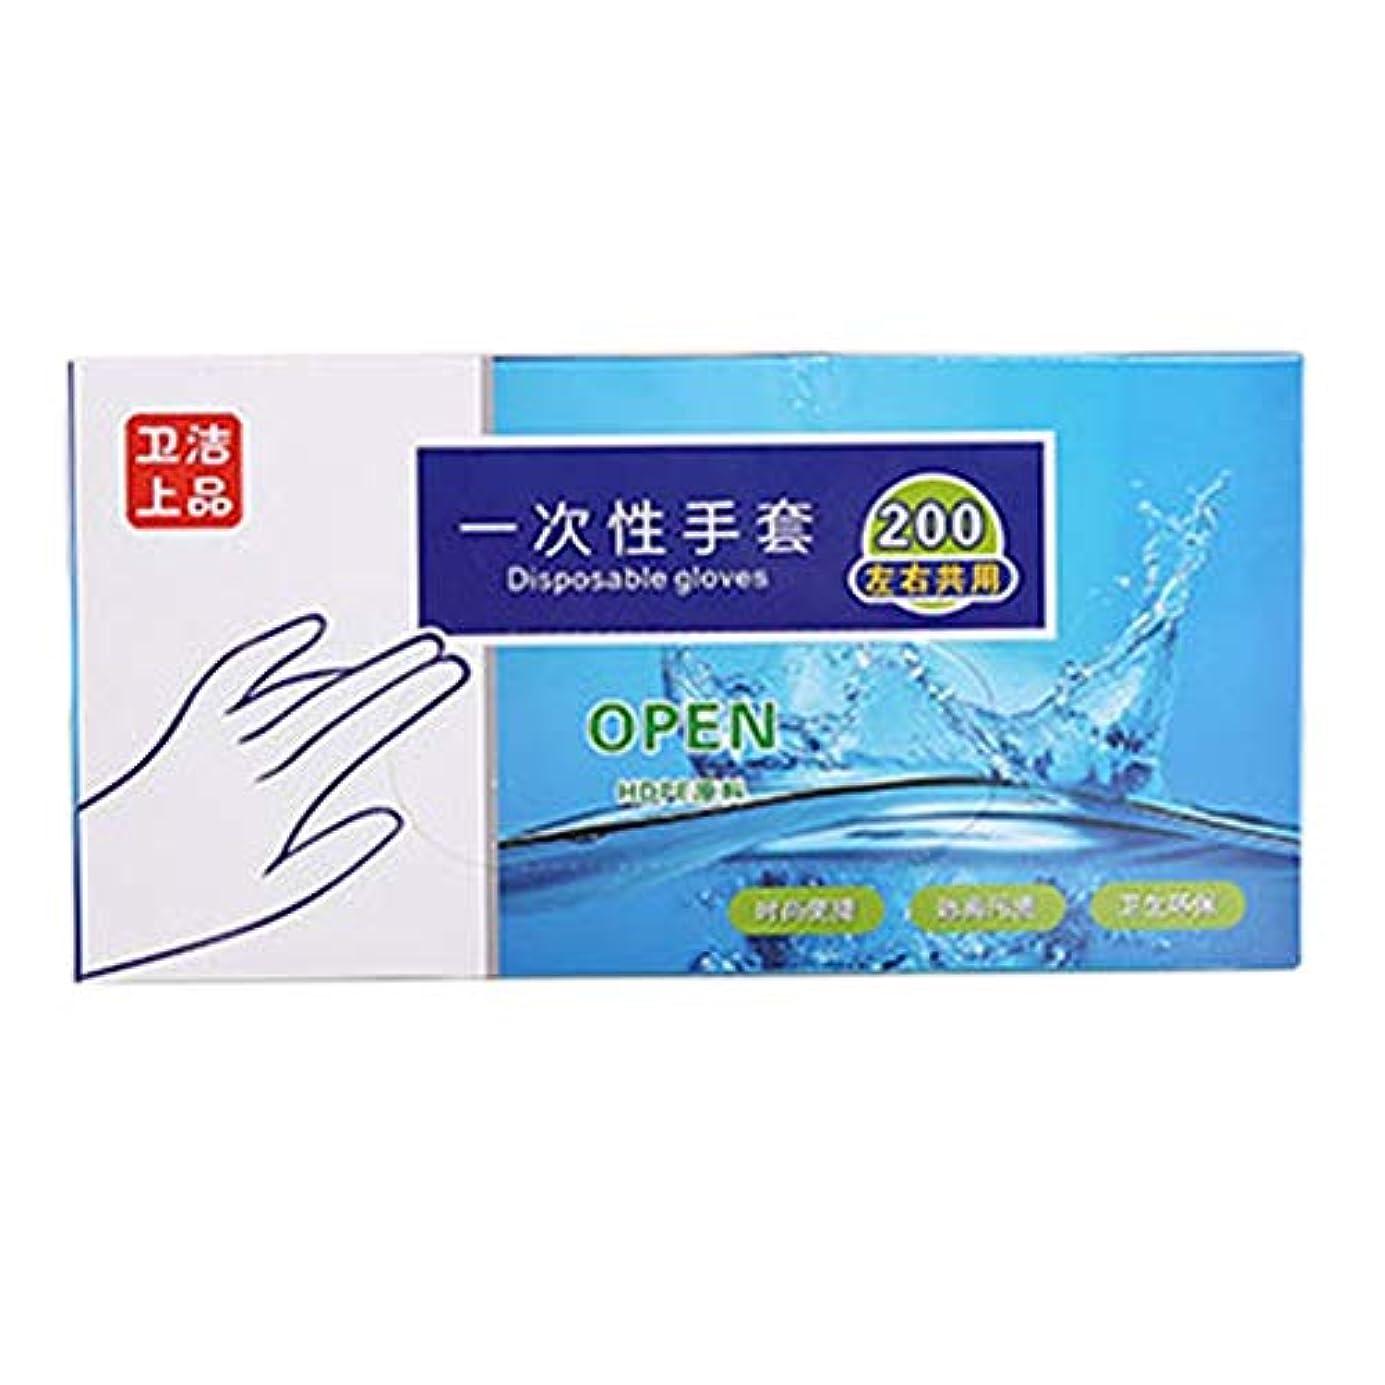 プレゼントビルダー混沌Moresave 200枚 使い捨て手袋 使いきり手袋 キッチン 掃除用具 防水防油 透明 厚手